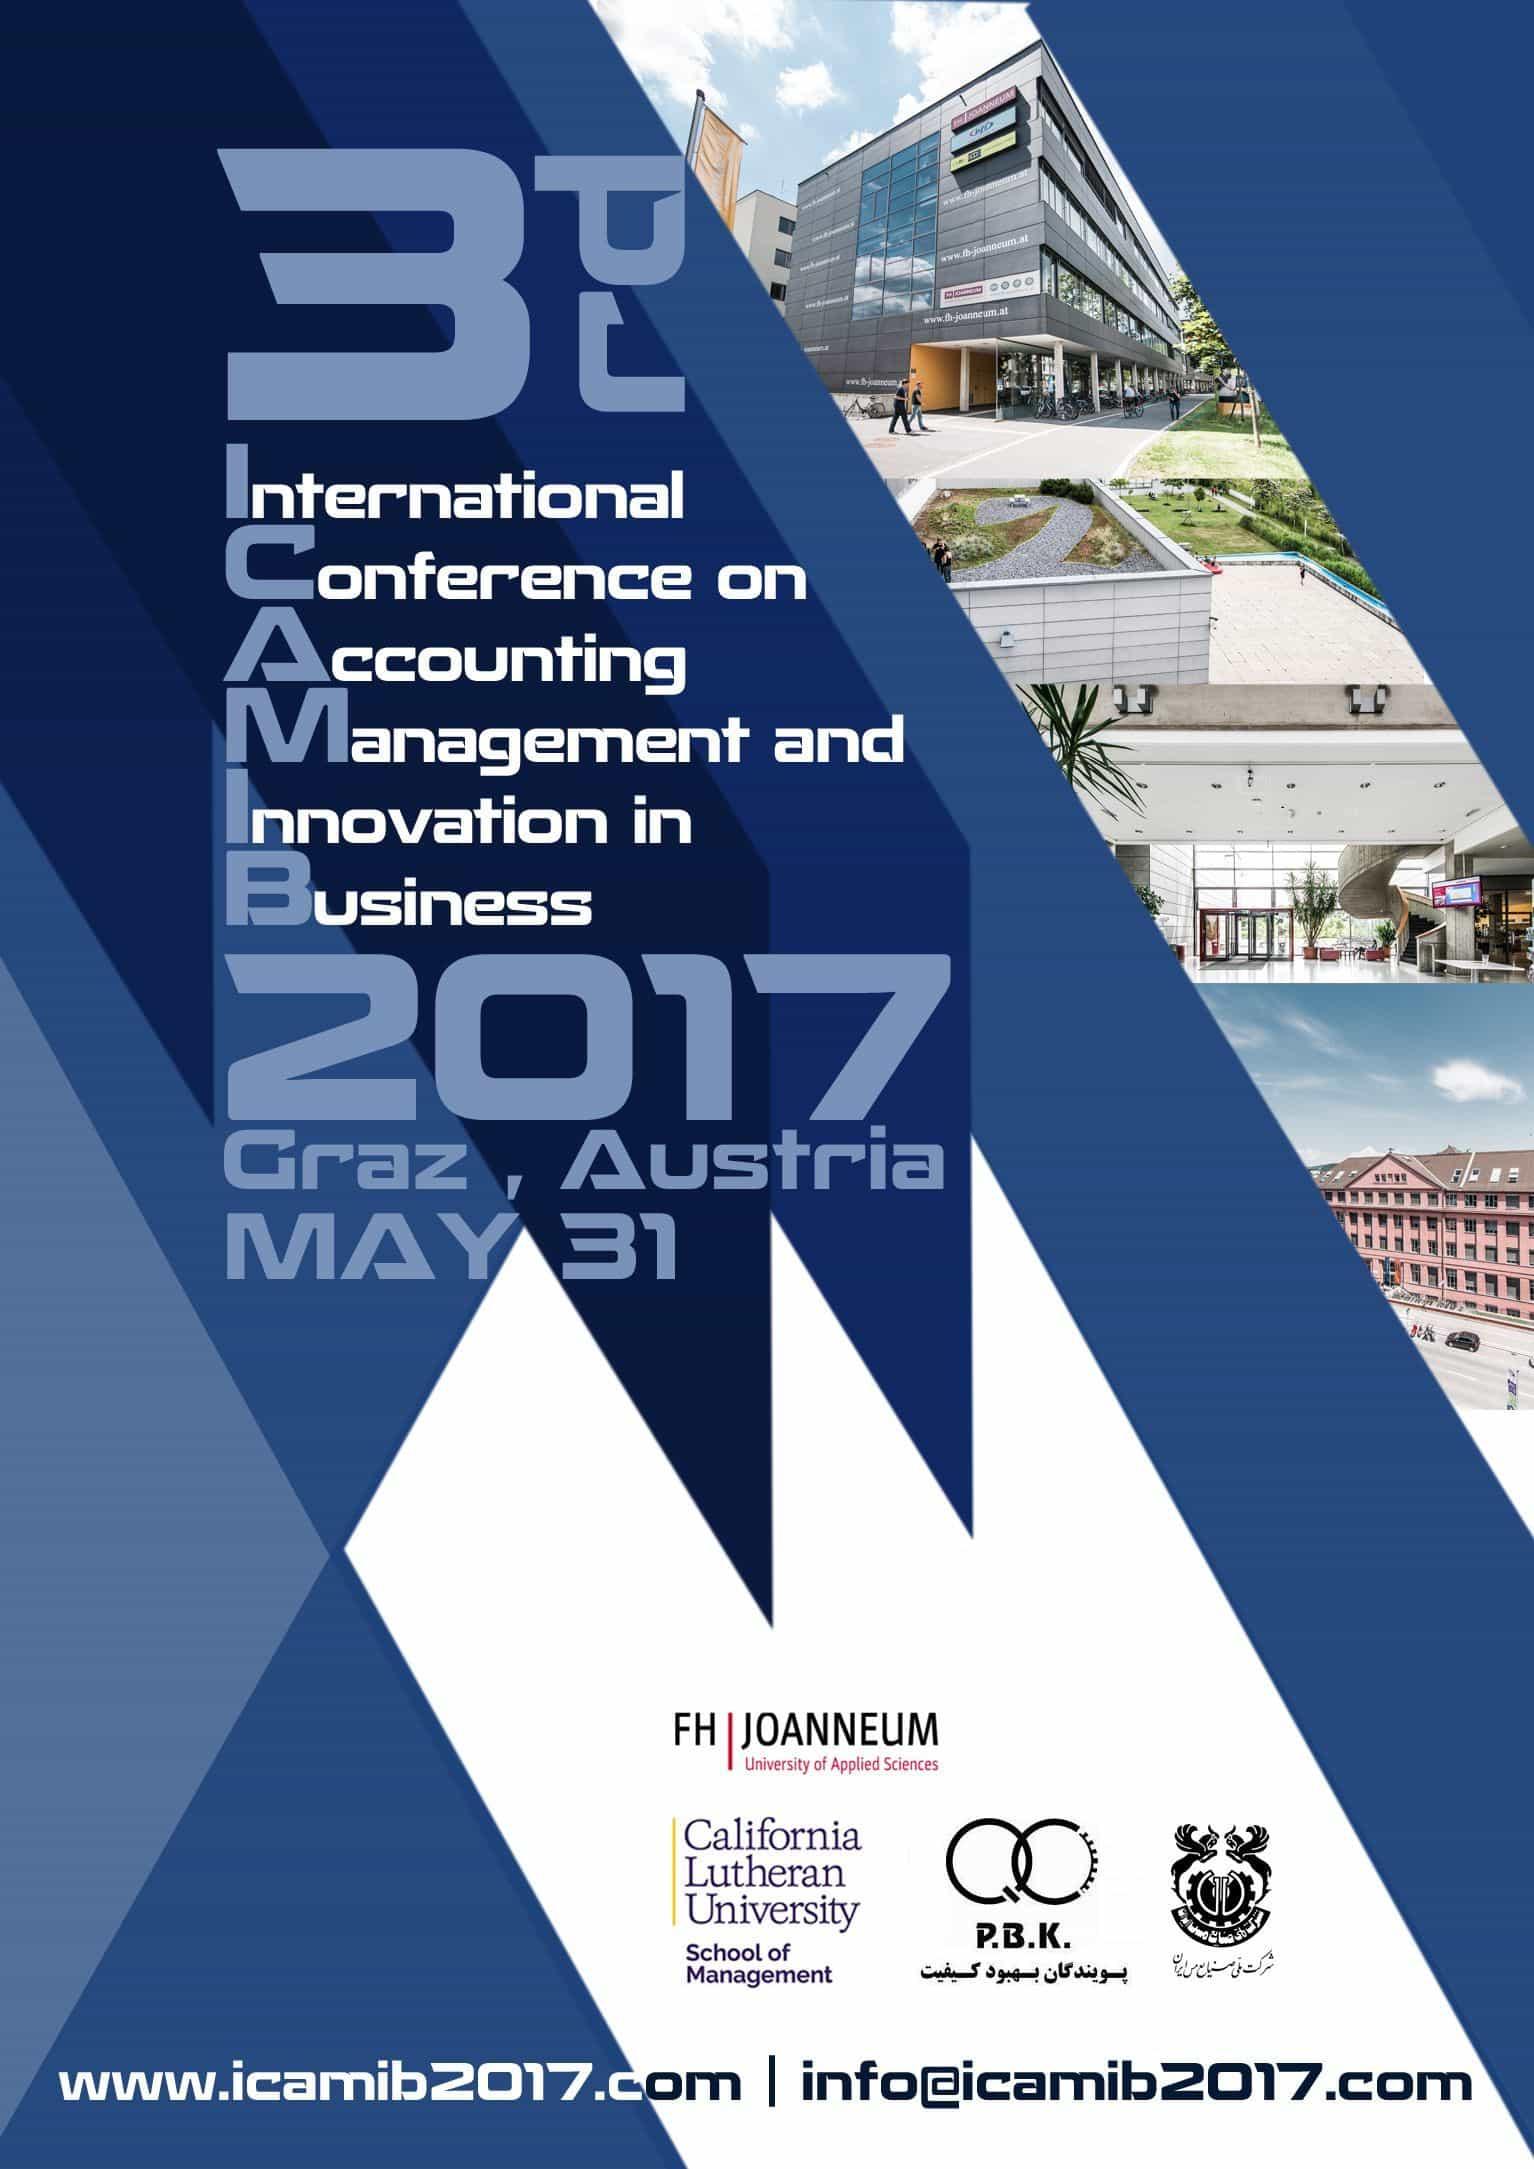 ICAMIB2017 Poster